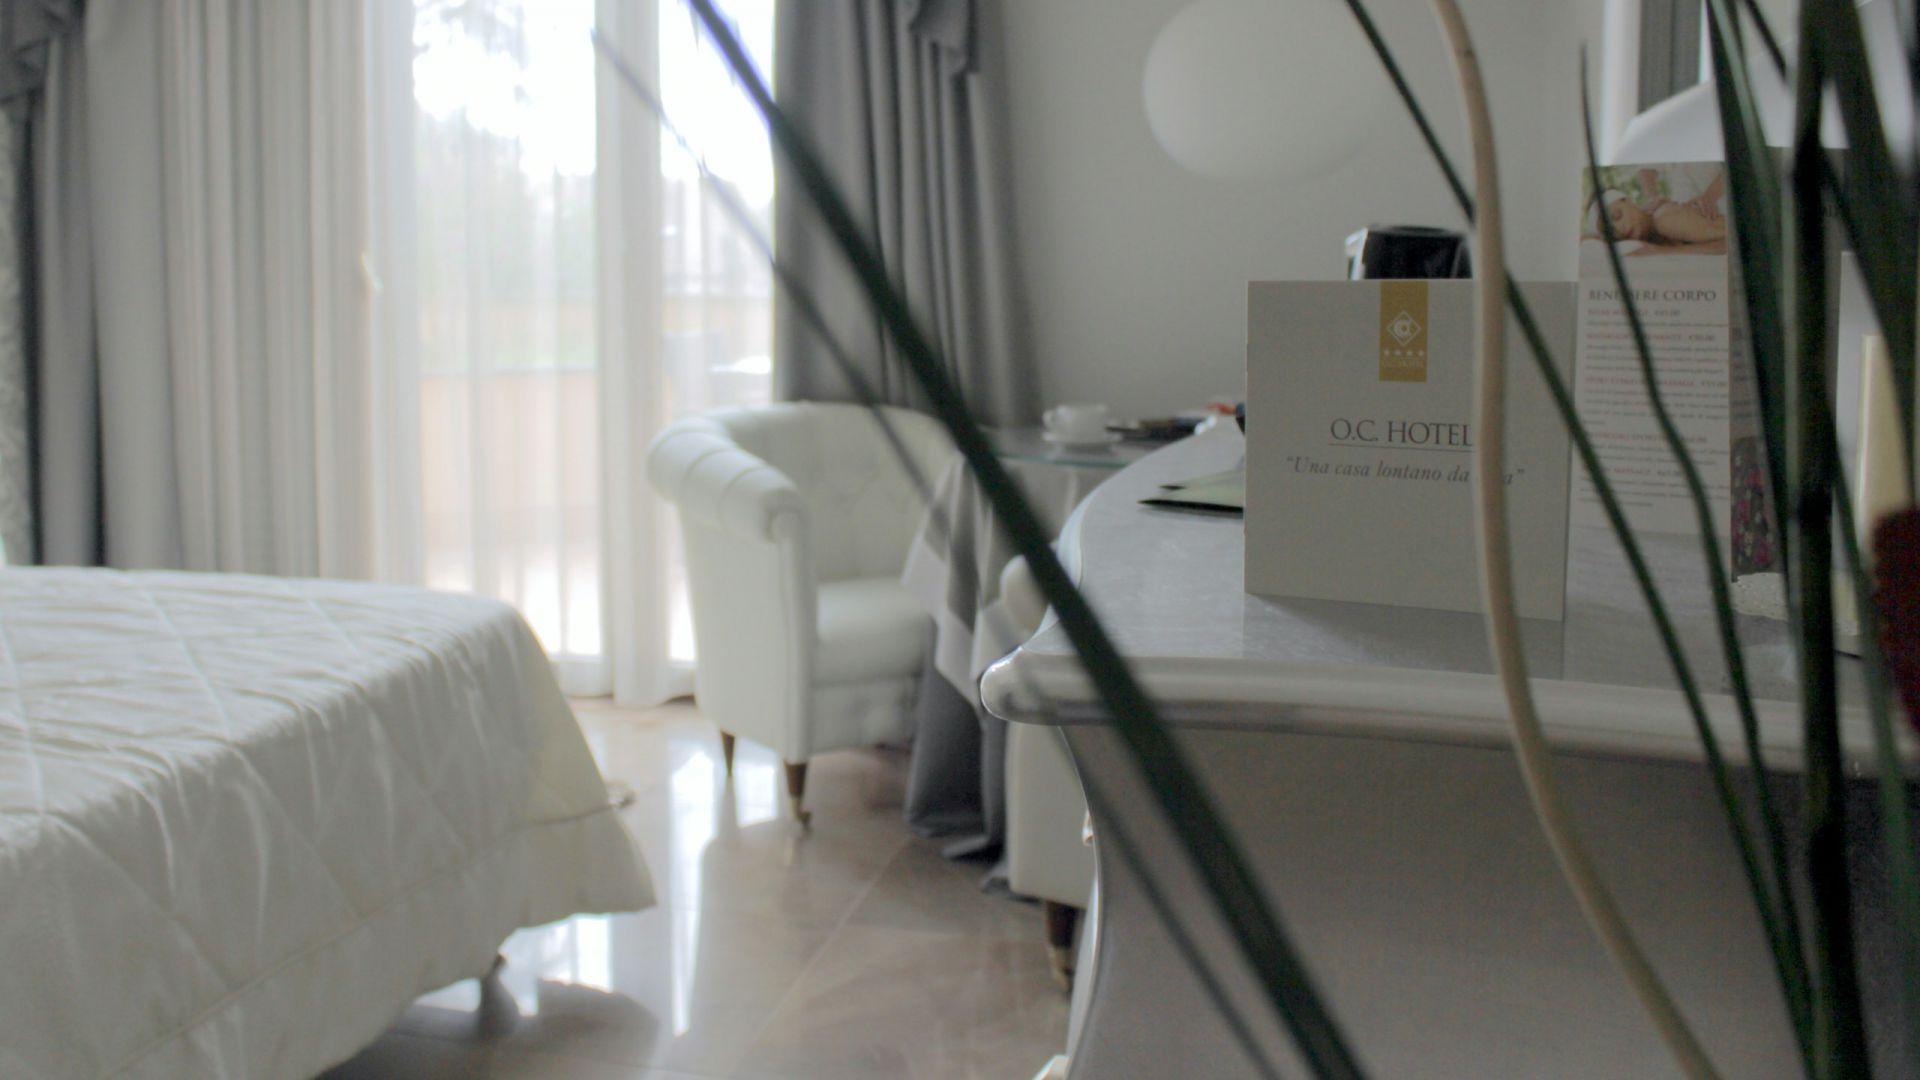 oc-hotel-roma-camere-0007